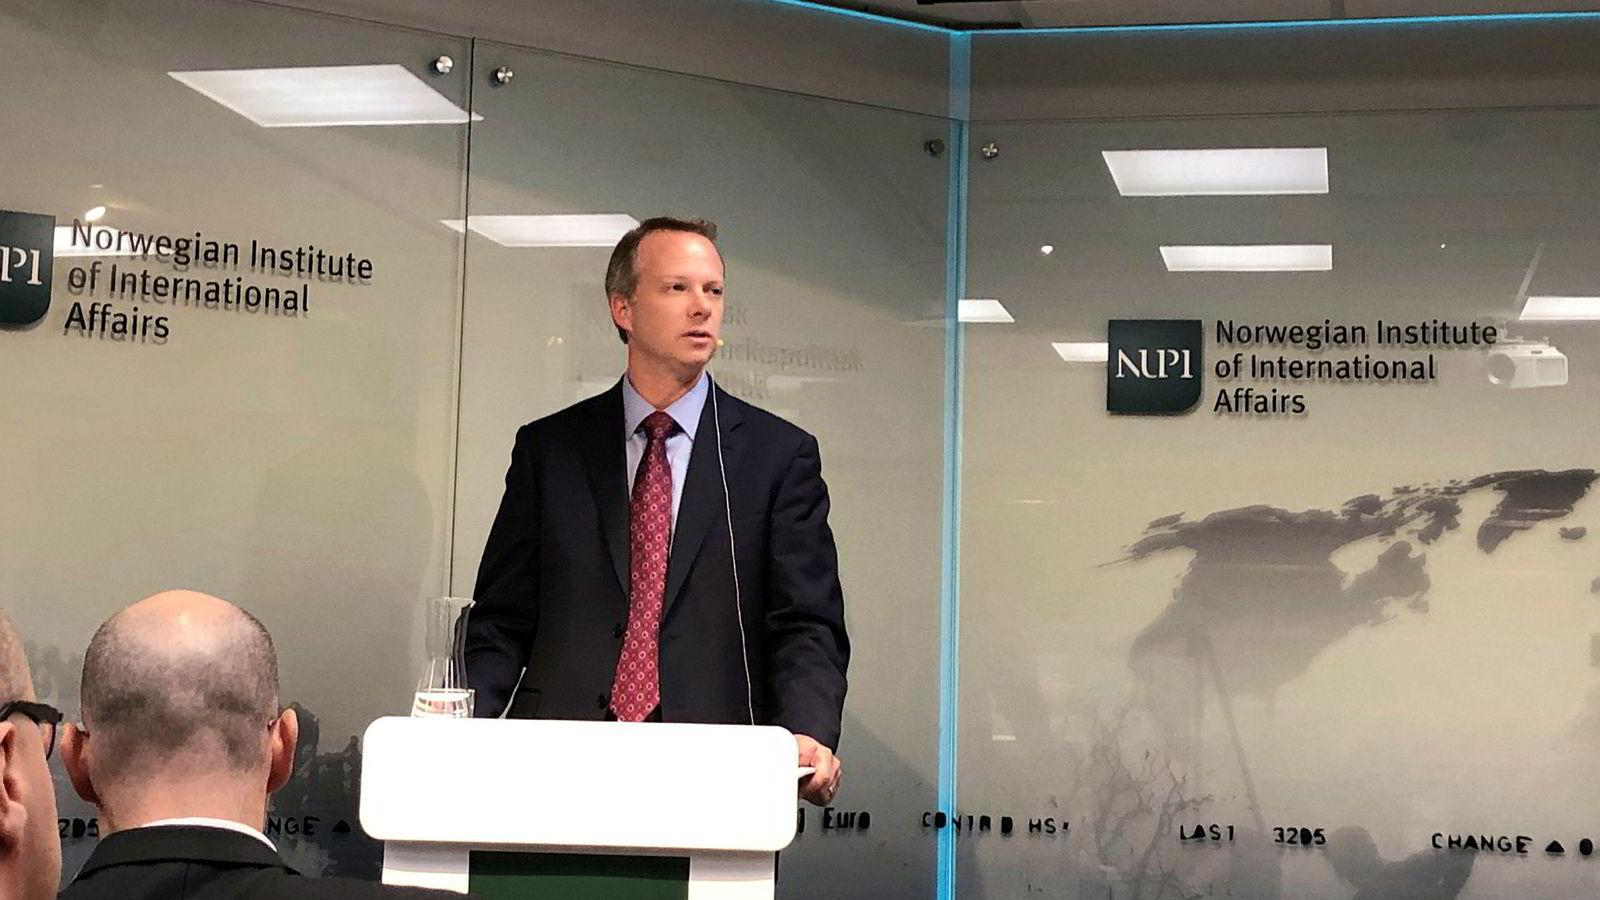 – Det ser ut som Norge tar risikoen på alvor og vi er optimistiske på at de vil betrakte risikoene på en seriøs måte og komme frem til en god konklusjon, sier Thomas McDermott, statssekretær i Department of Homeland Security, USAs departement for nasjonal sikkerhet.